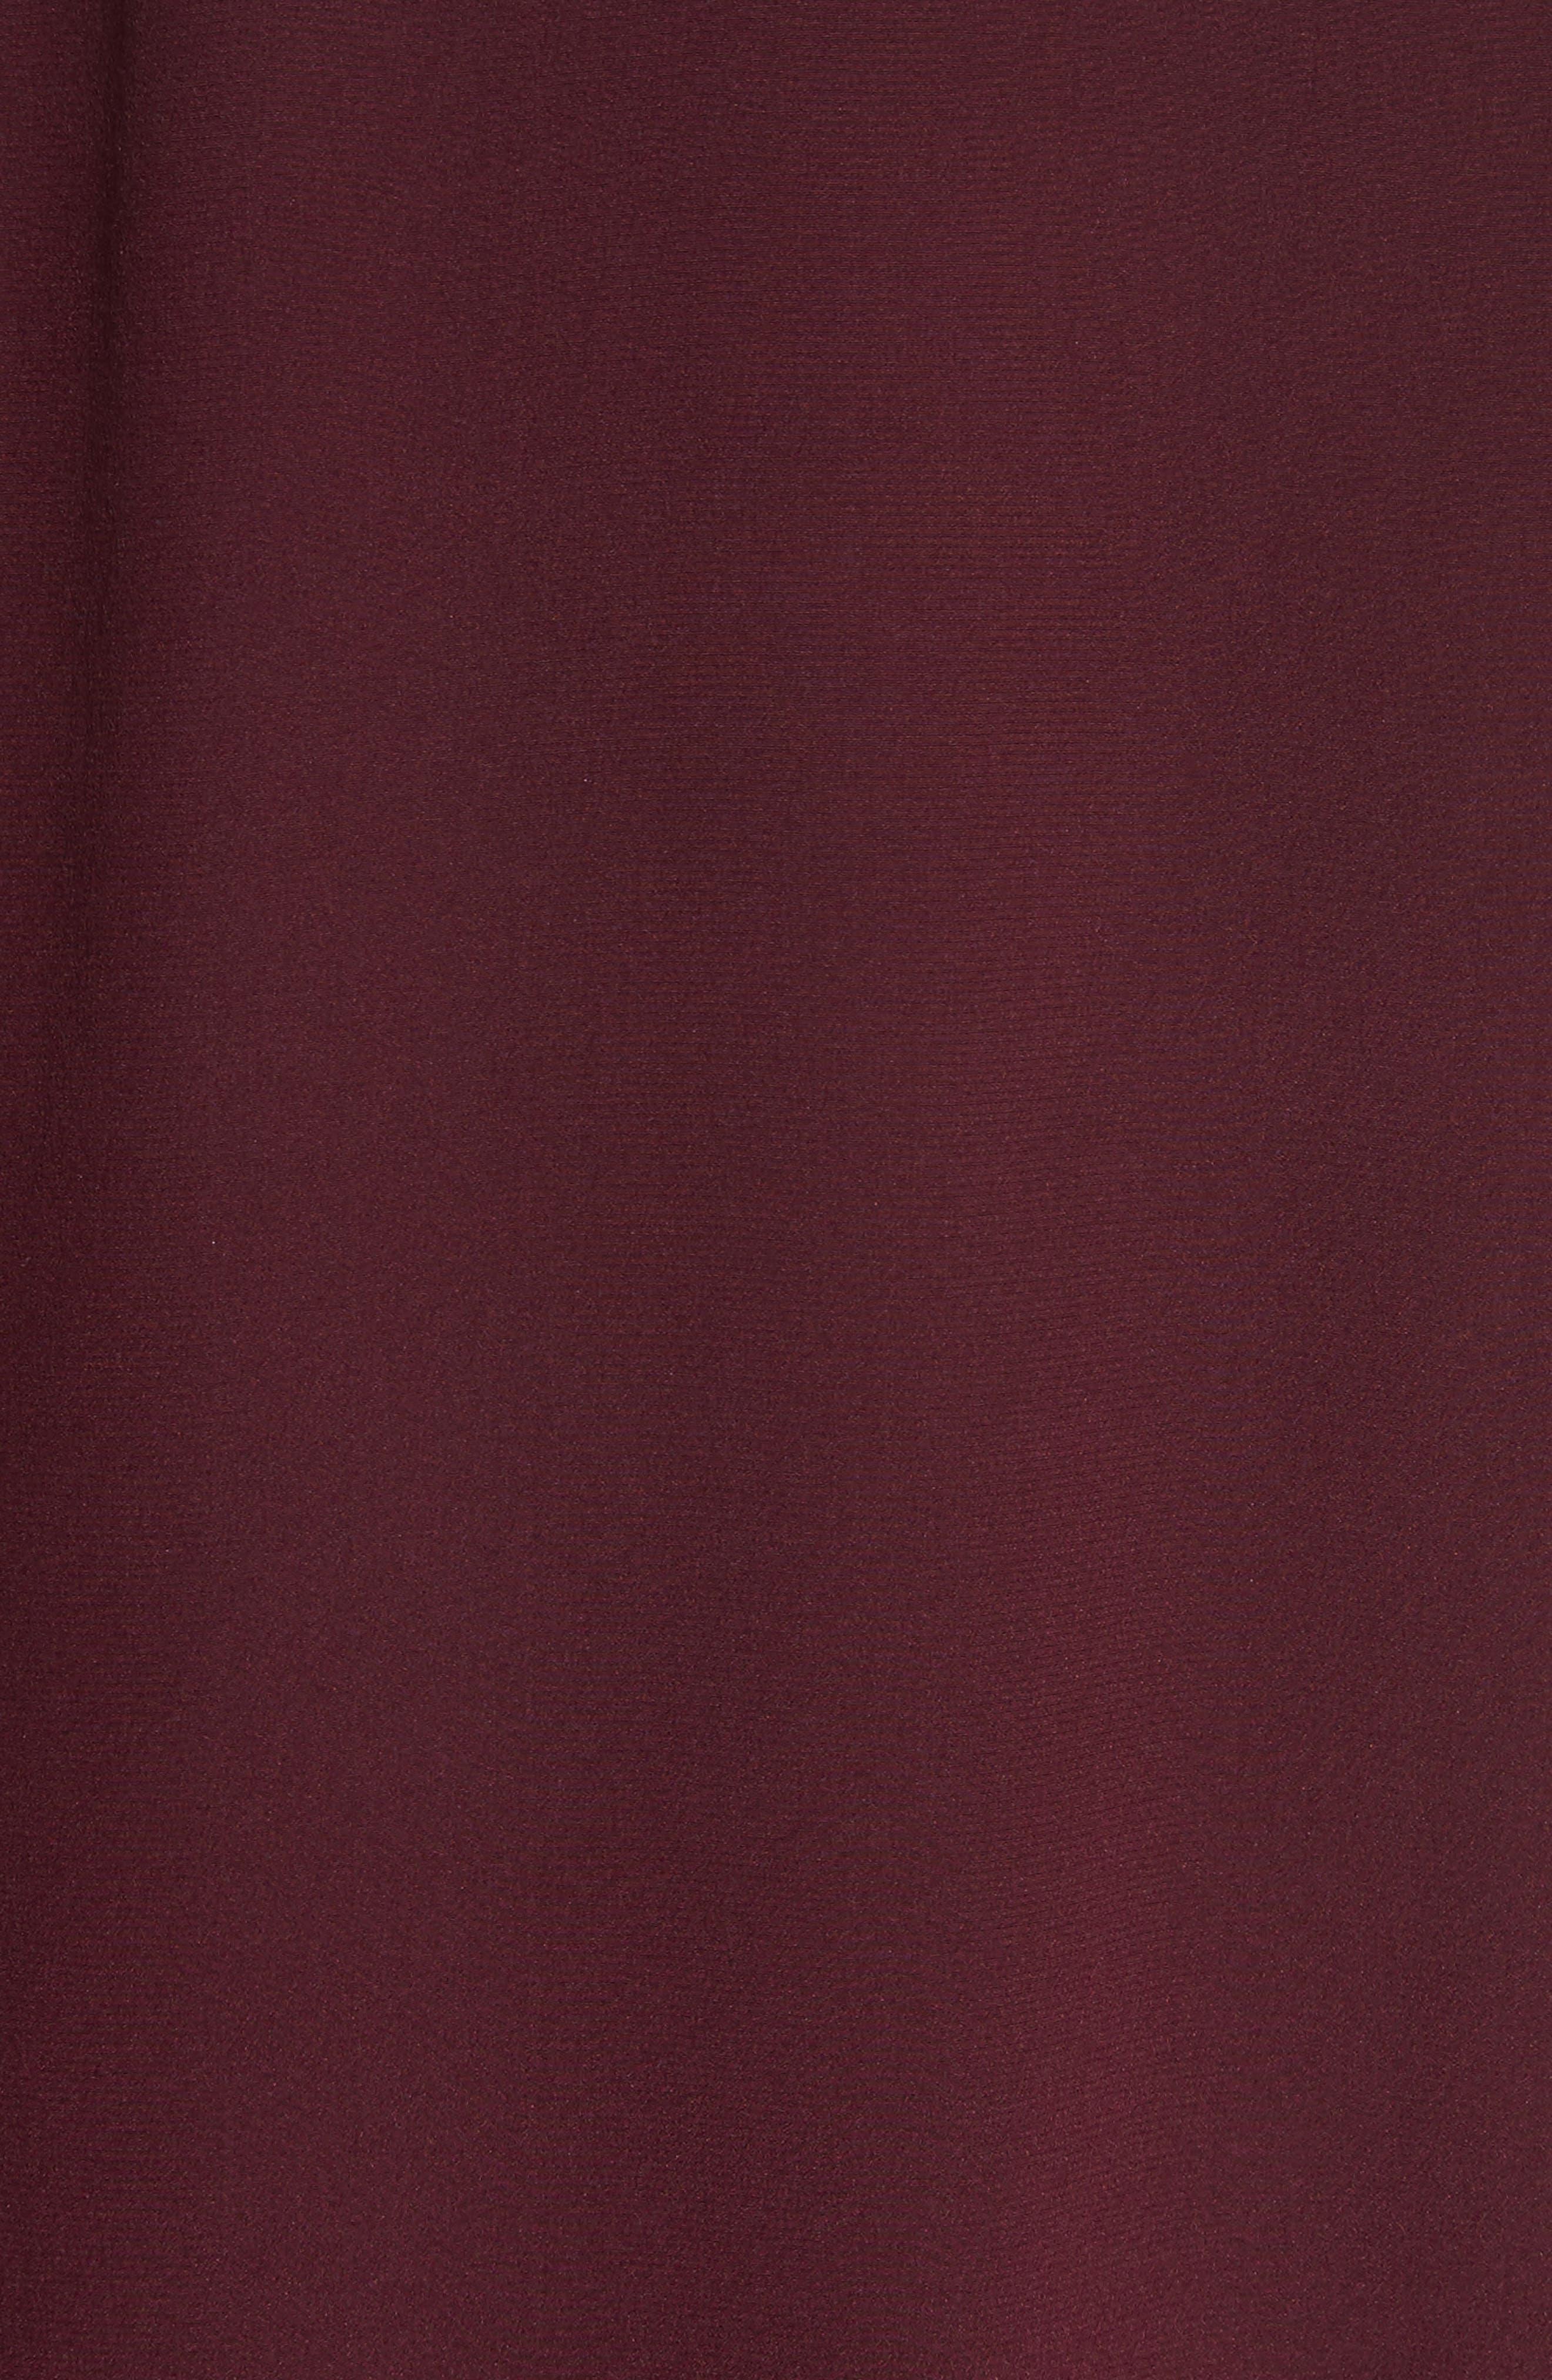 Bishop Sleeve Silk Crêpe de Chine Blouse,                             Alternate thumbnail 3, color,                             Bordeaux